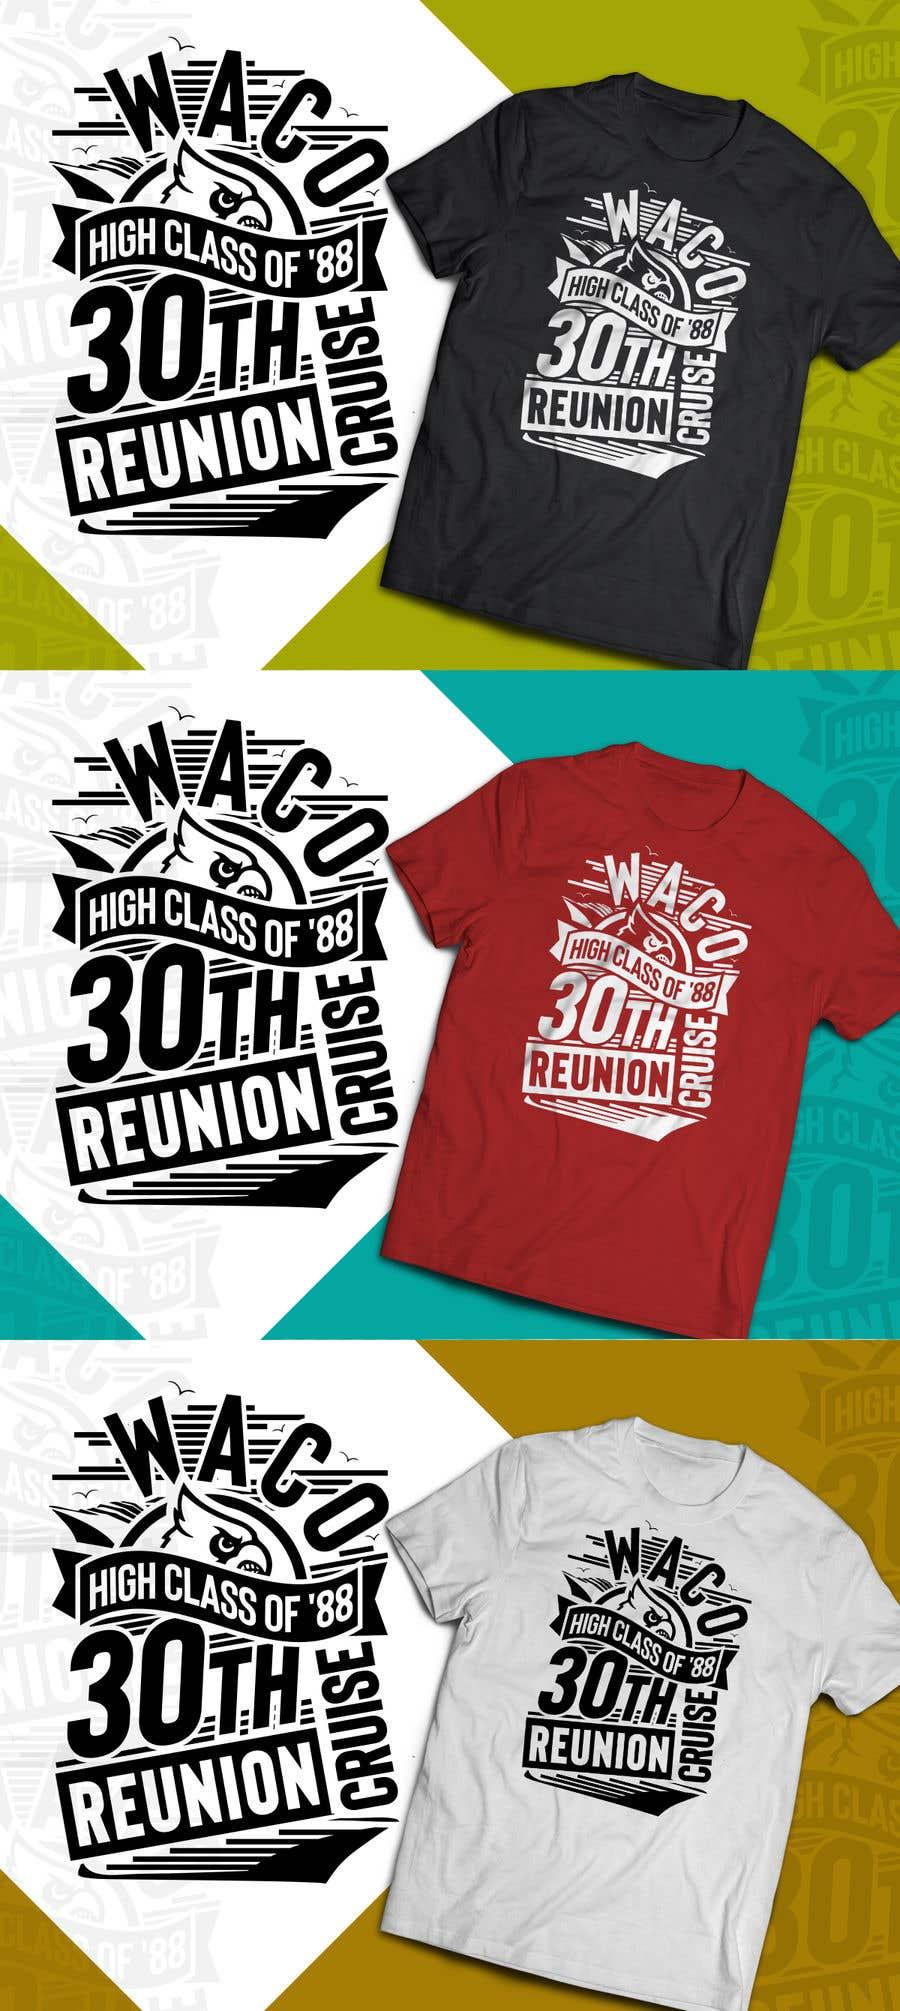 6e6f3e713e29d T Shirts Design For Class Reunion - DREAMWORKS